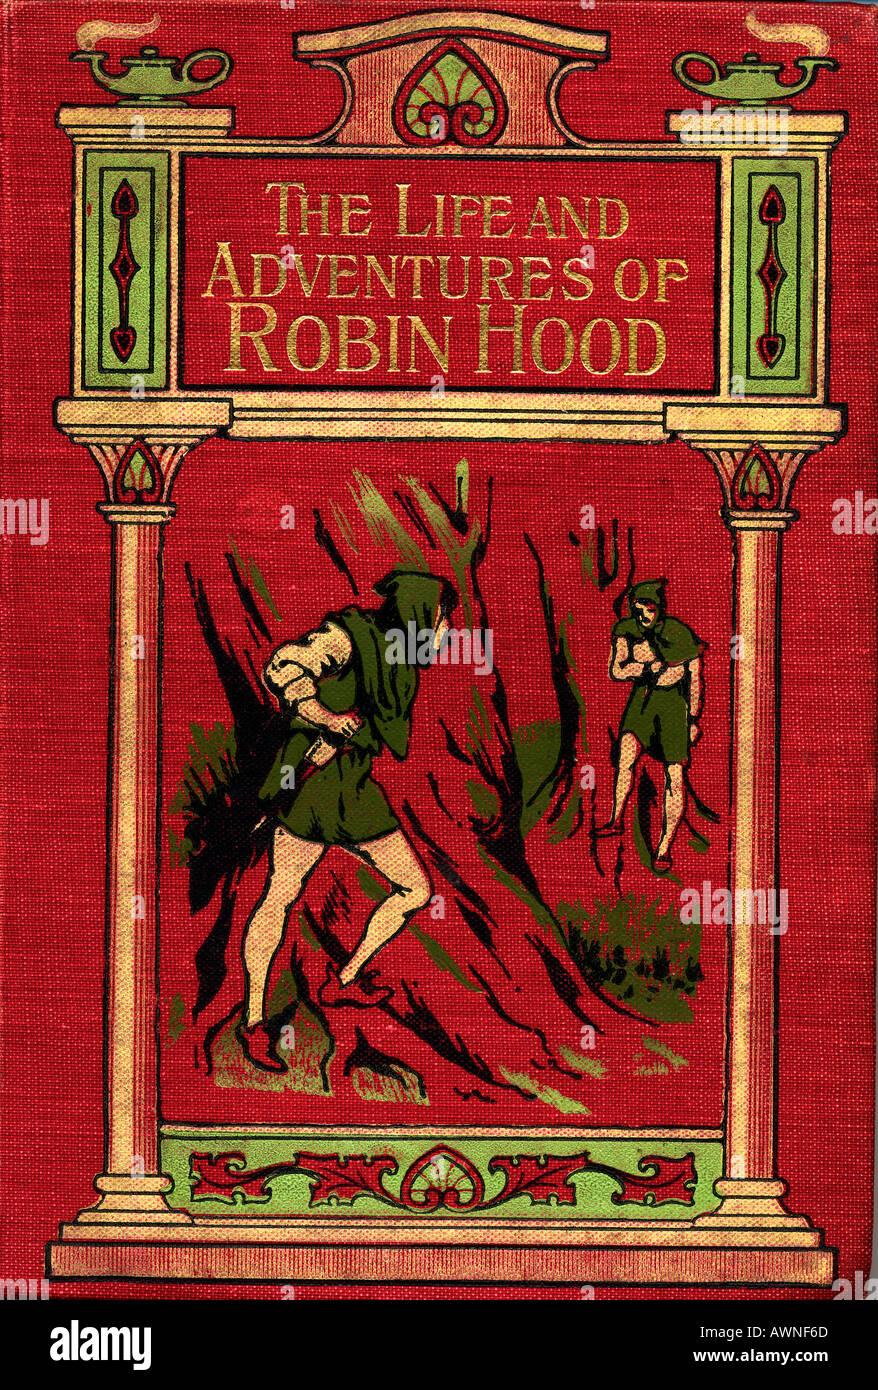 La vita e le avventure di Robin Hood. Il coperchio anteriore dal libro dello stesso titolo da John B Marsh, pubblicato circa 1900. Immagini Stock